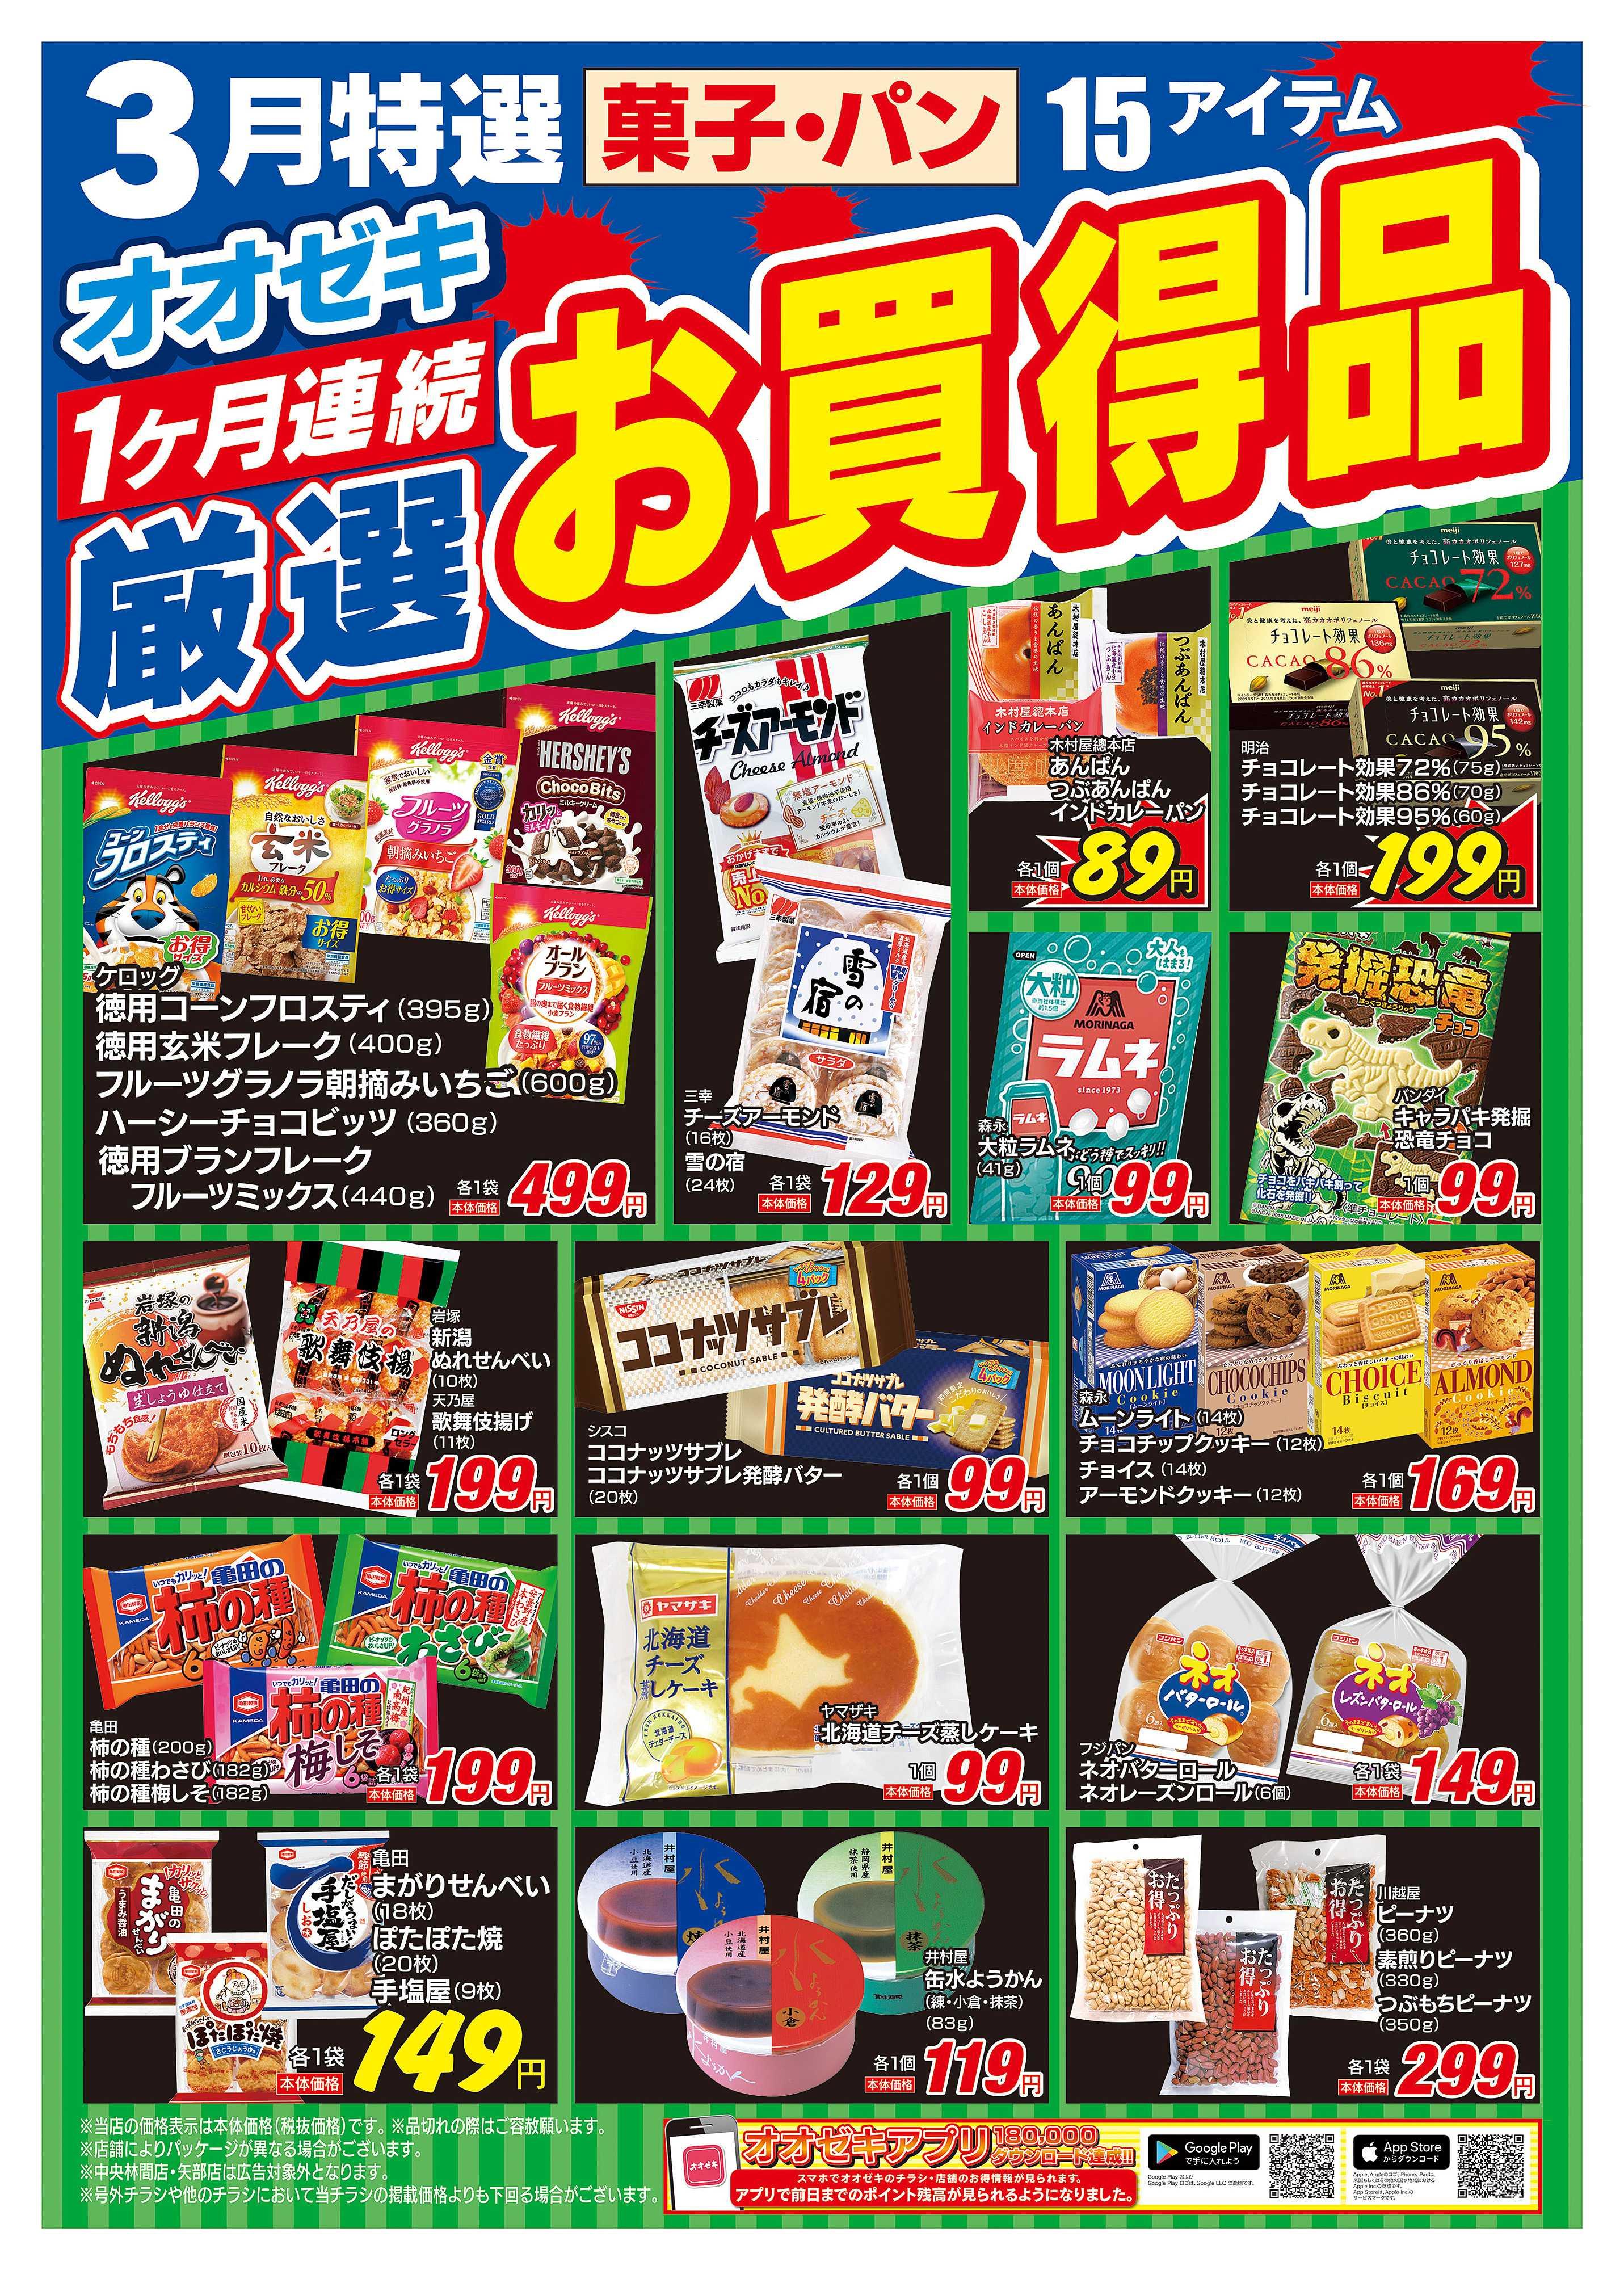 オオゼキ 3月特選菓子・パン 1ヶ月連続厳選お買得品